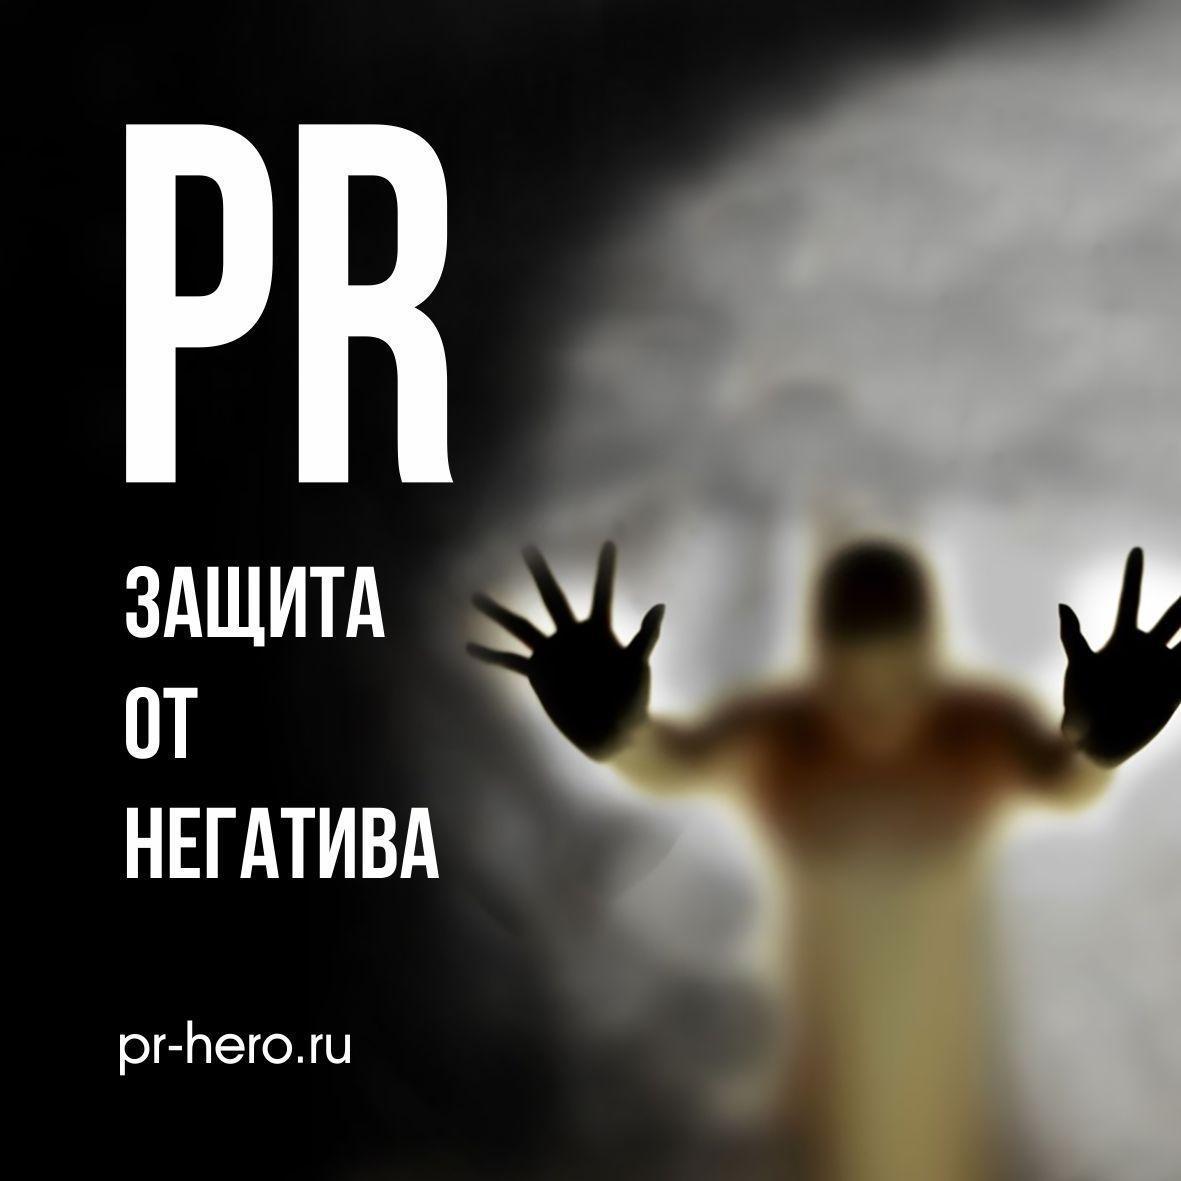 Антикризисный PR